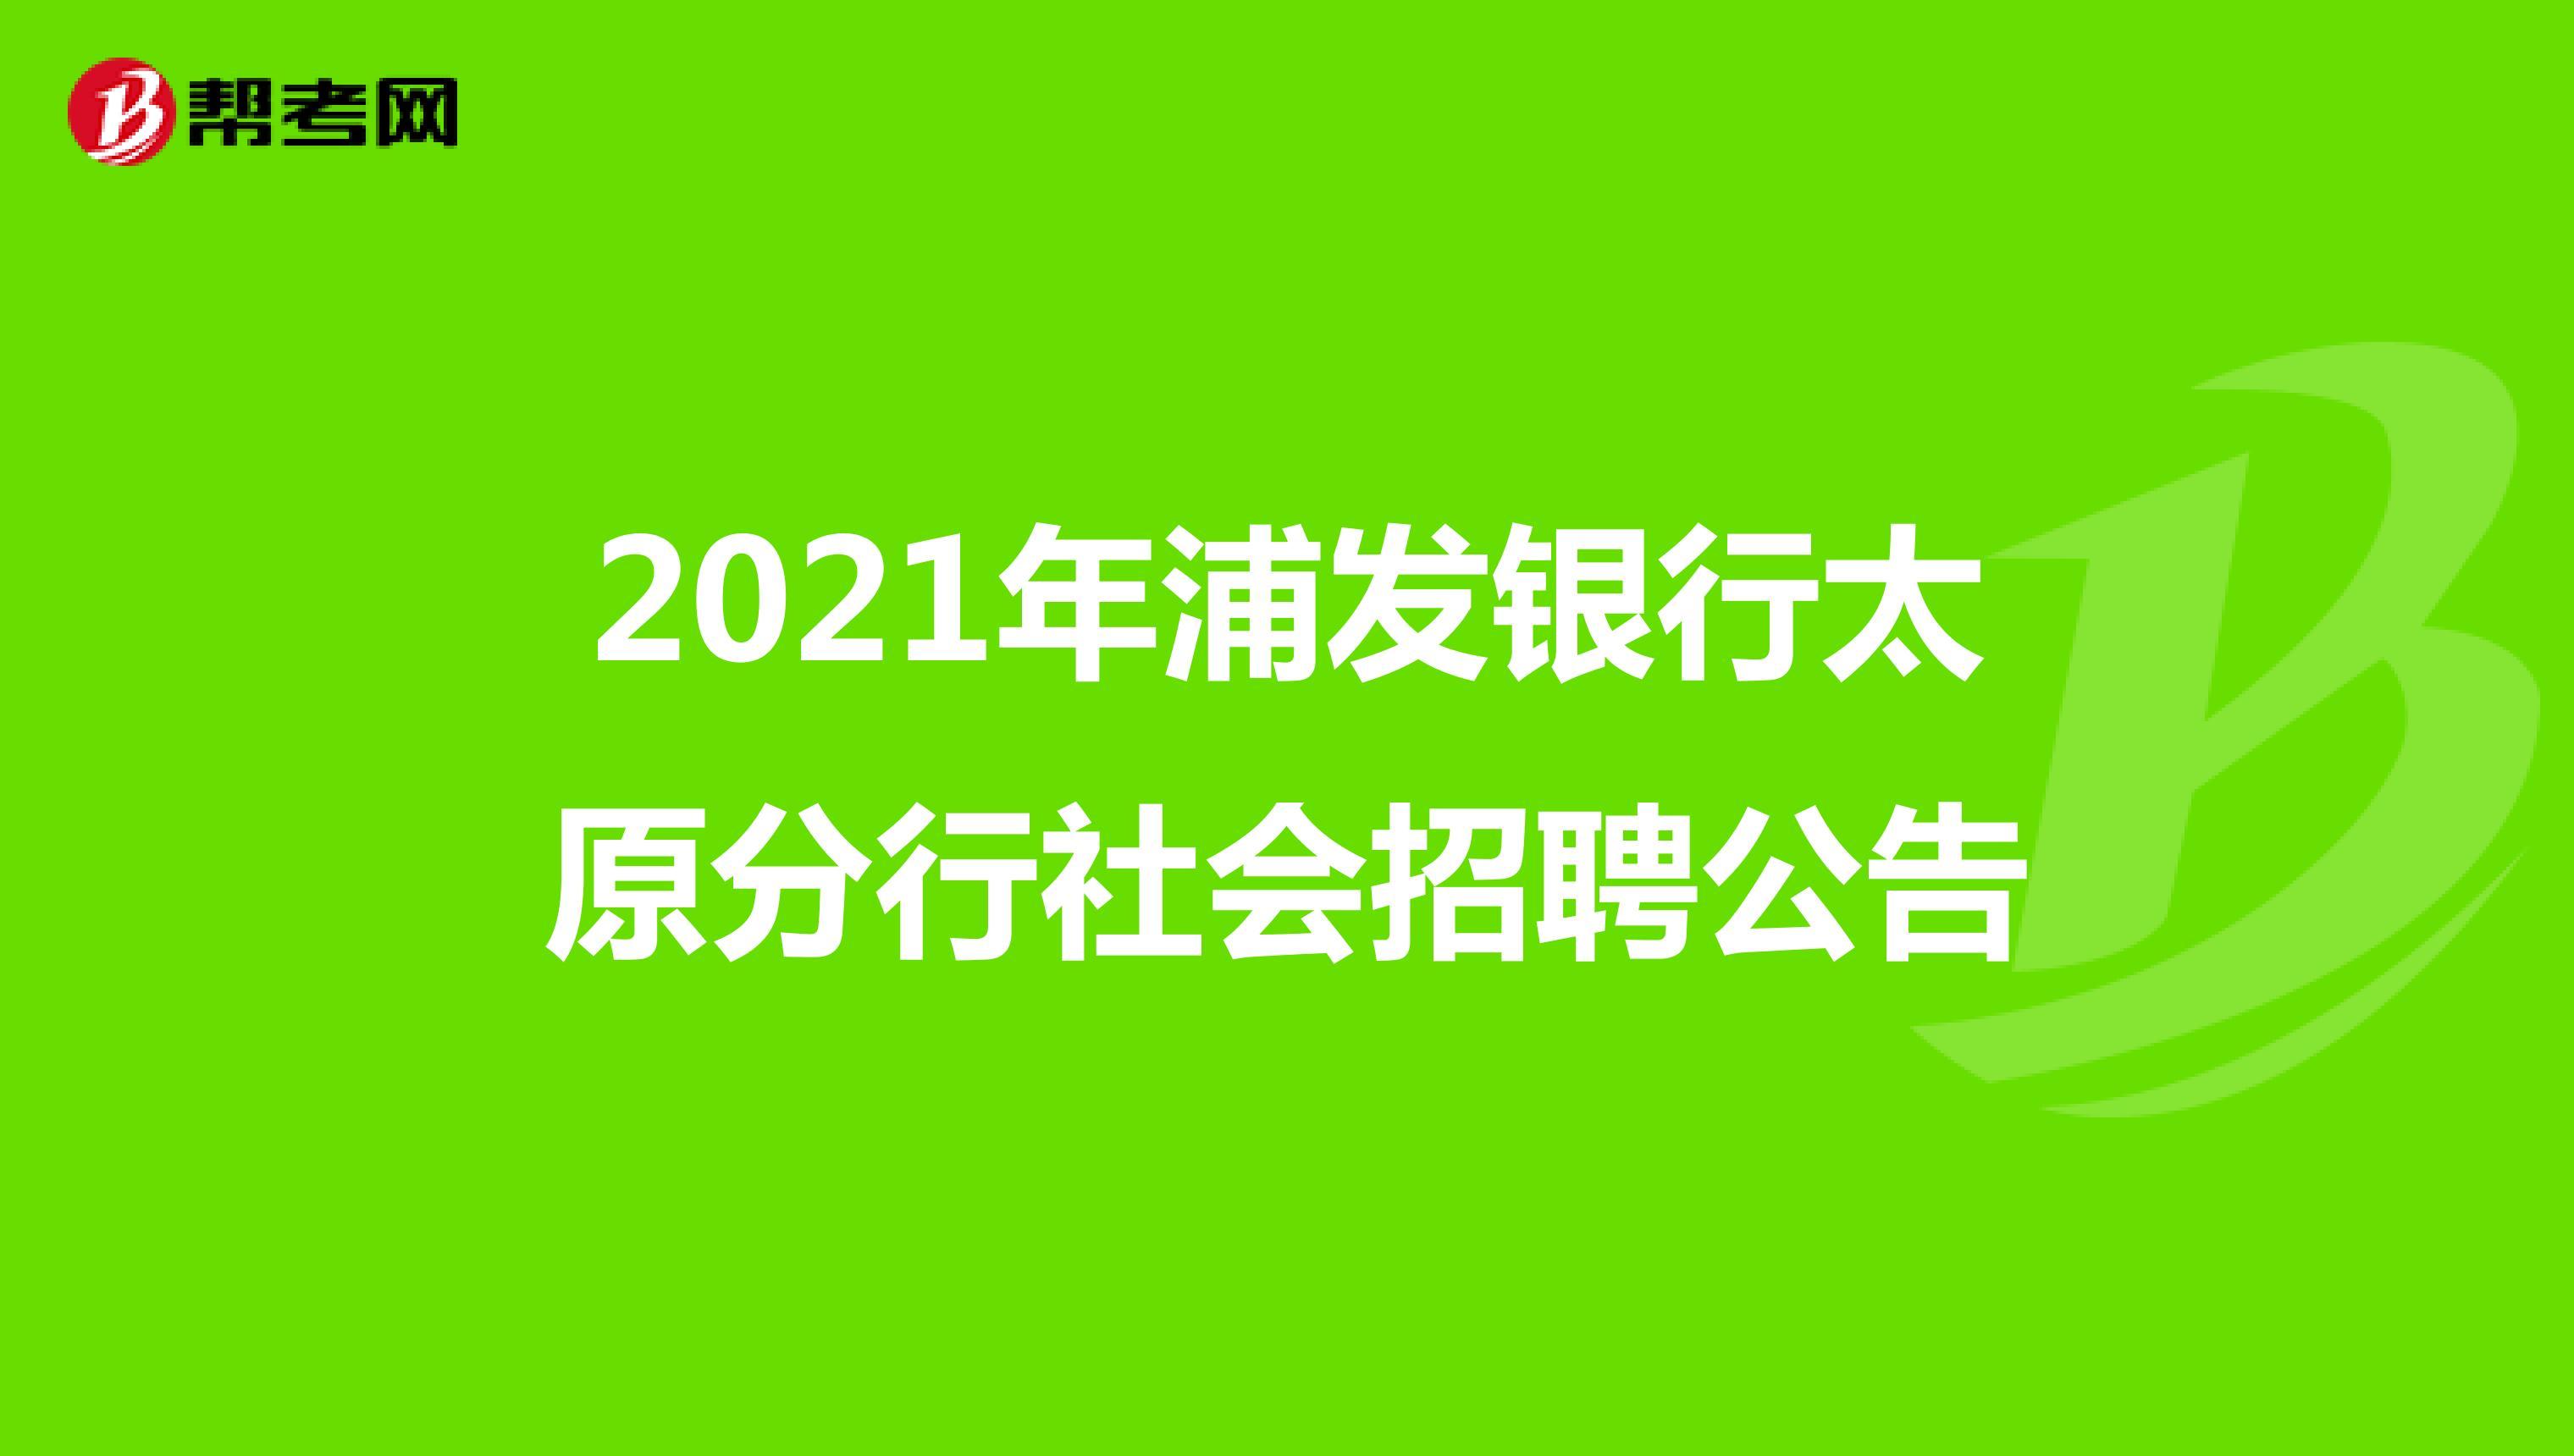 2021年浦发银行太原分行社会招聘公告